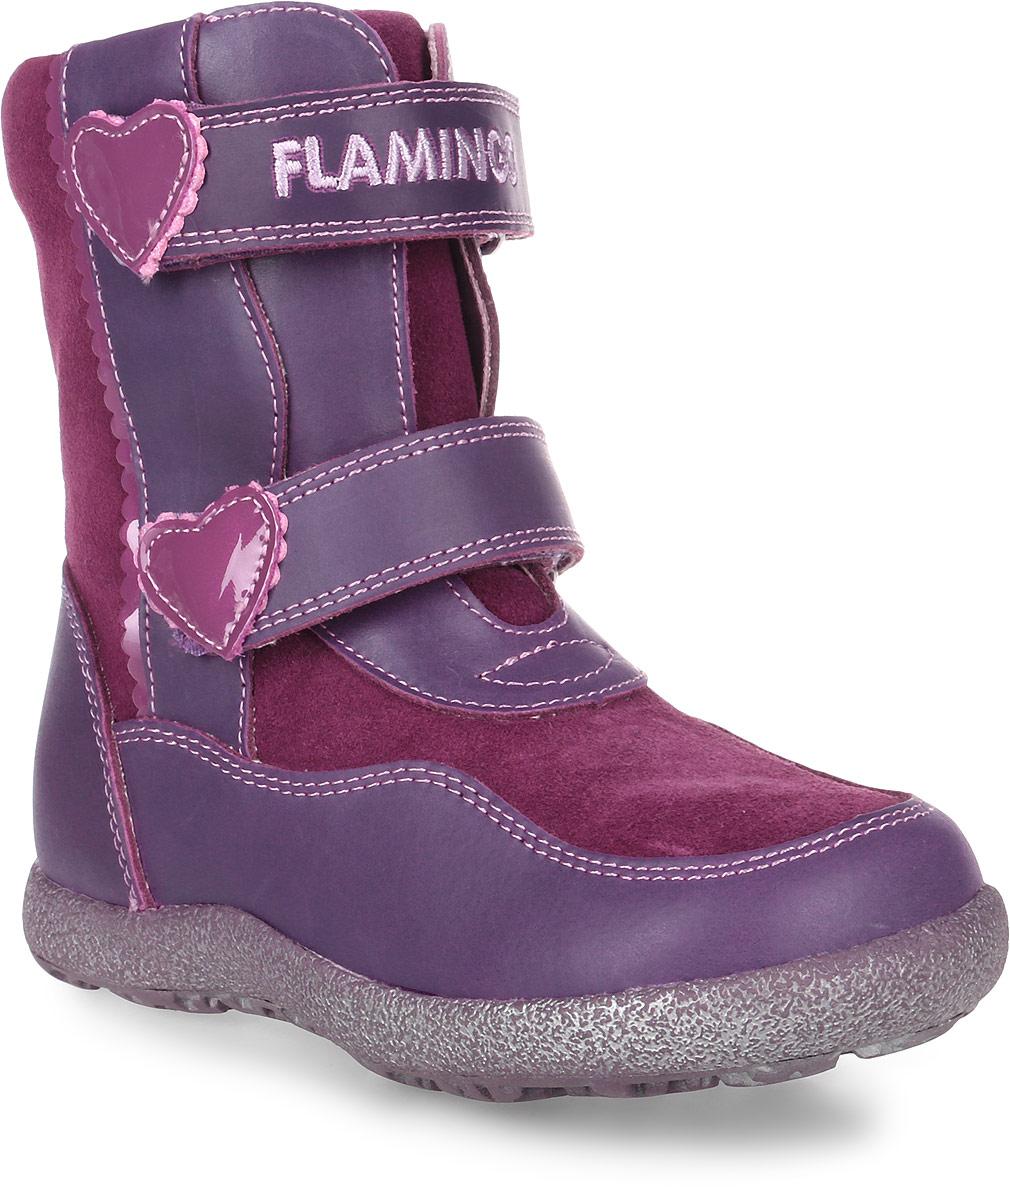 Ботинки для девочки Flamingo, цвет: фиолетовый, бордовый. LC3915. Размер 32LC3915Модные ботинки для девочки от Flamingo выполнены из натуральной кожи. Подкладка и стелька из натуральной шерсти не дадут ногам замерзнуть. Ремешки с застежками-липучками надежно зафиксируют модель на ноге. Застегивается модель на боковую застежку-молнию. Подошва дополнена рифлением.